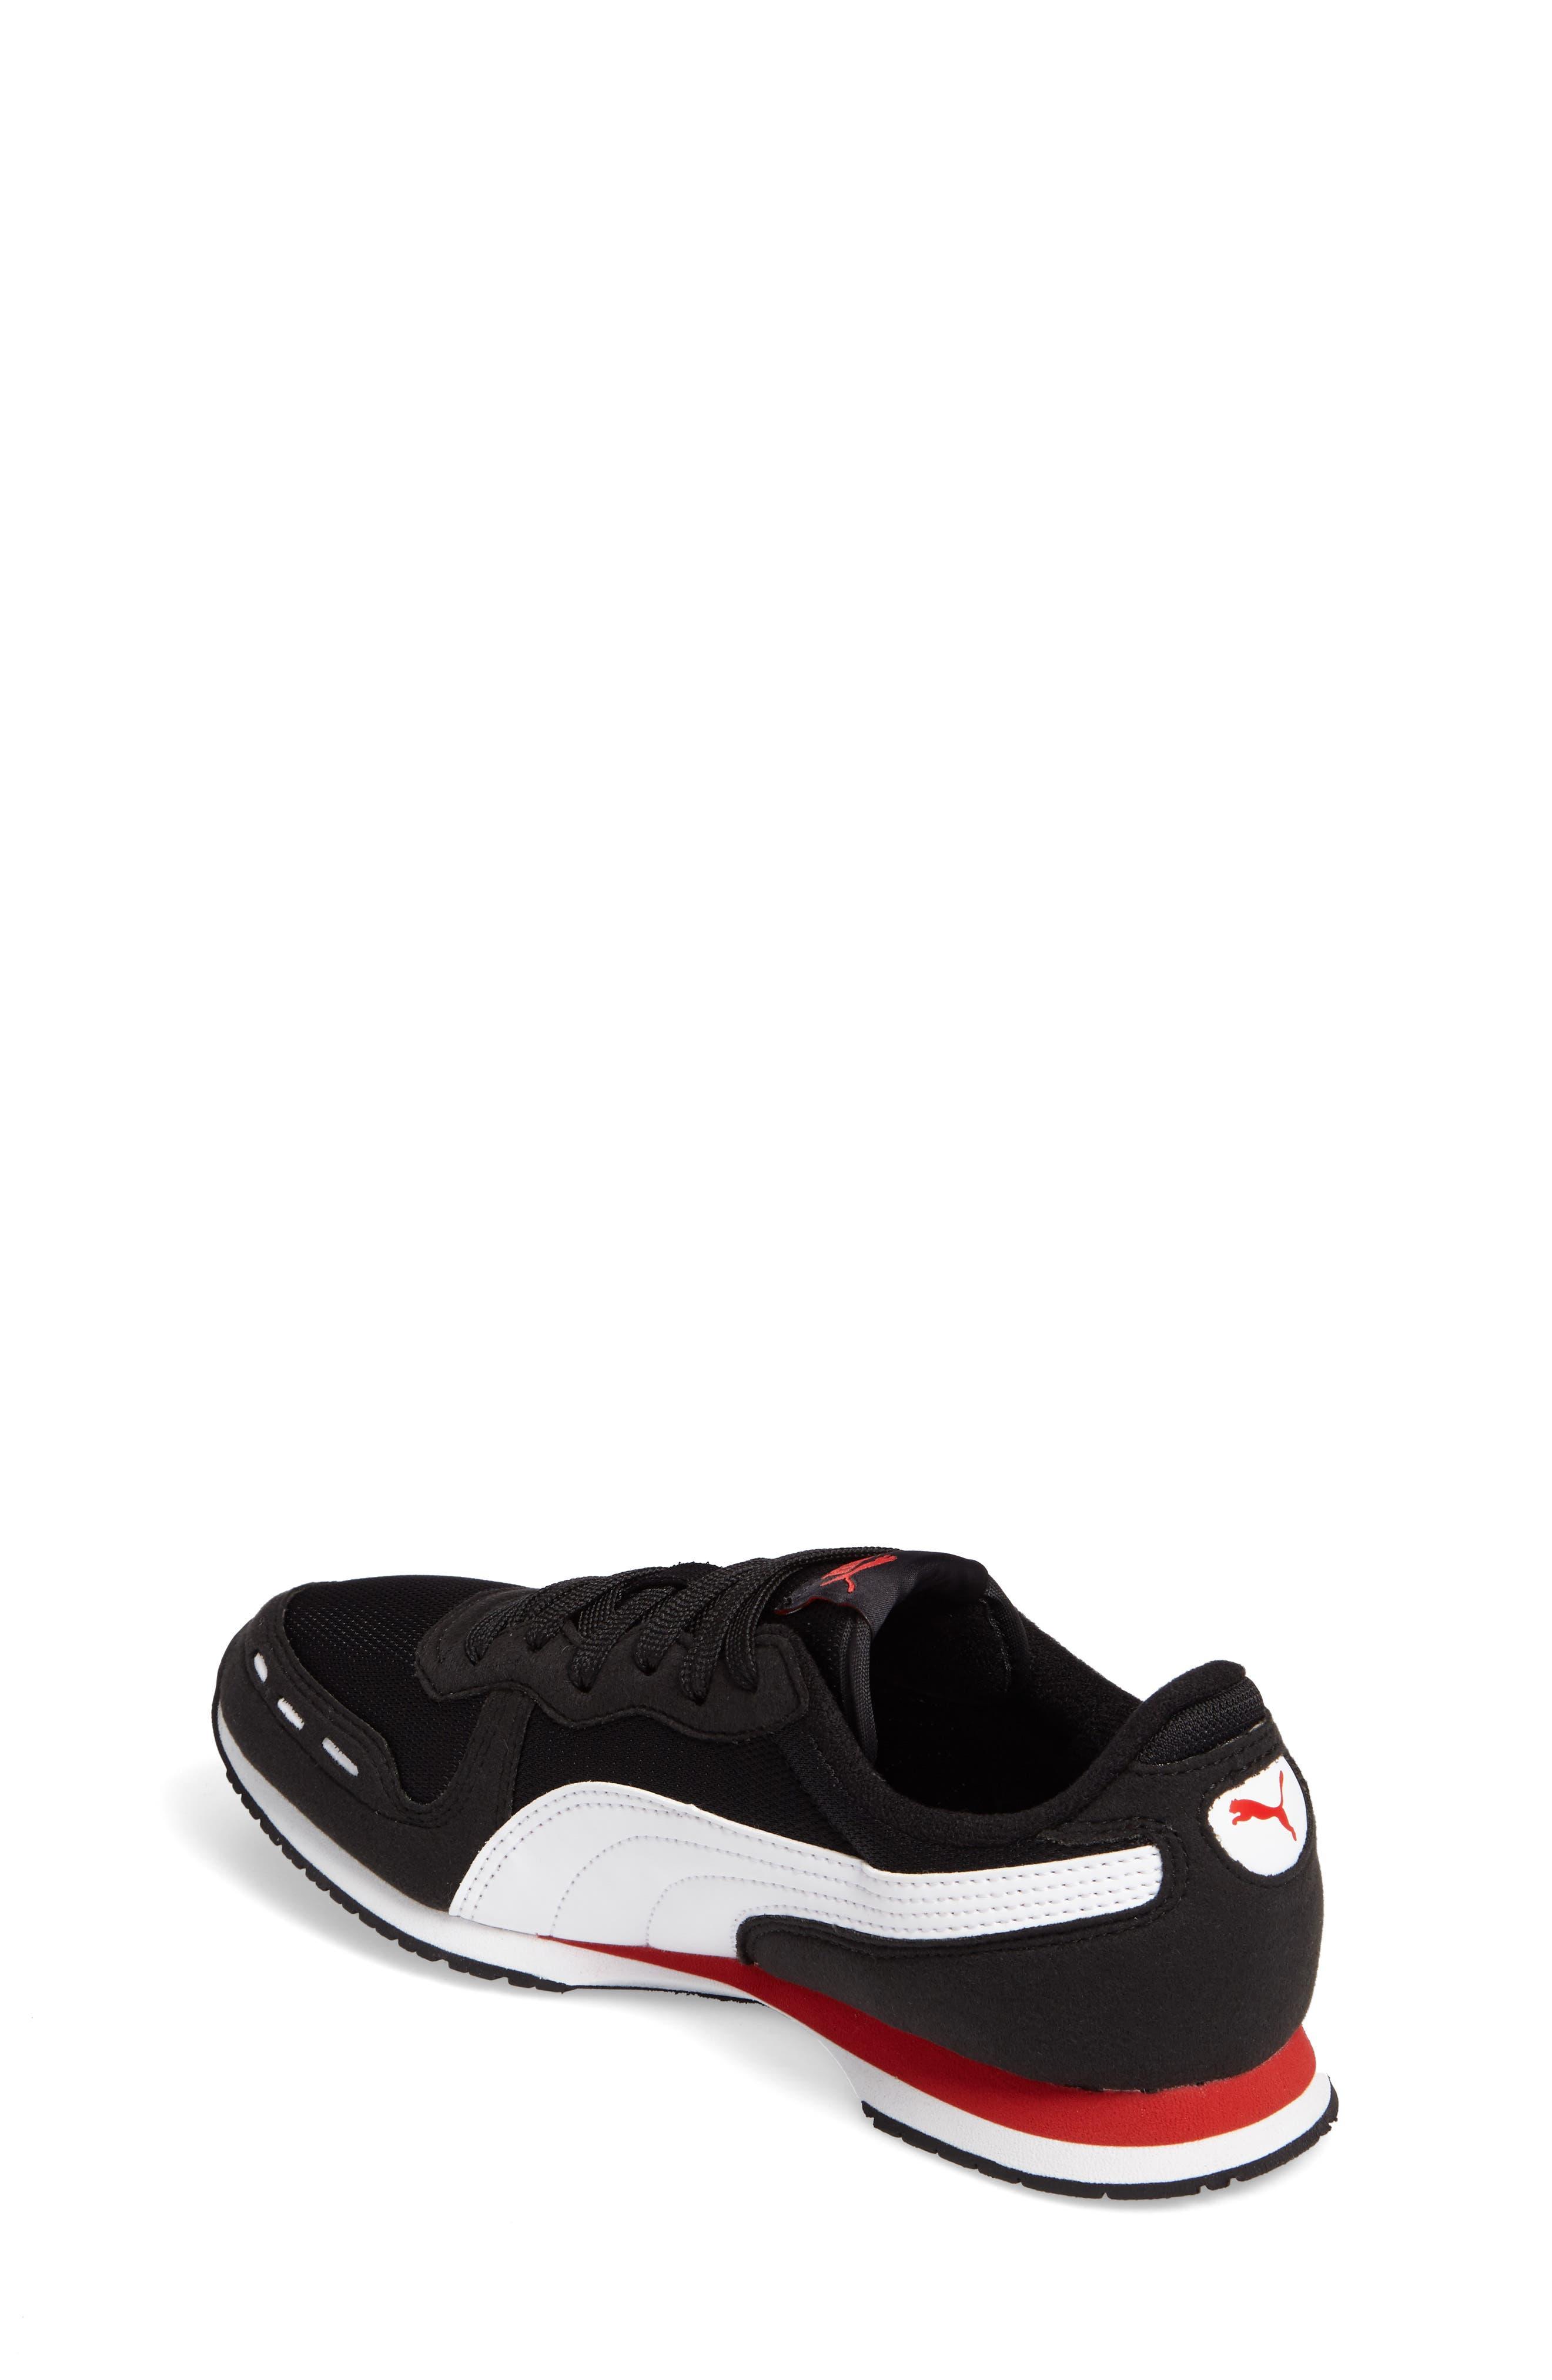 Cabana Racer Sneaker,                             Alternate thumbnail 2, color,                             001